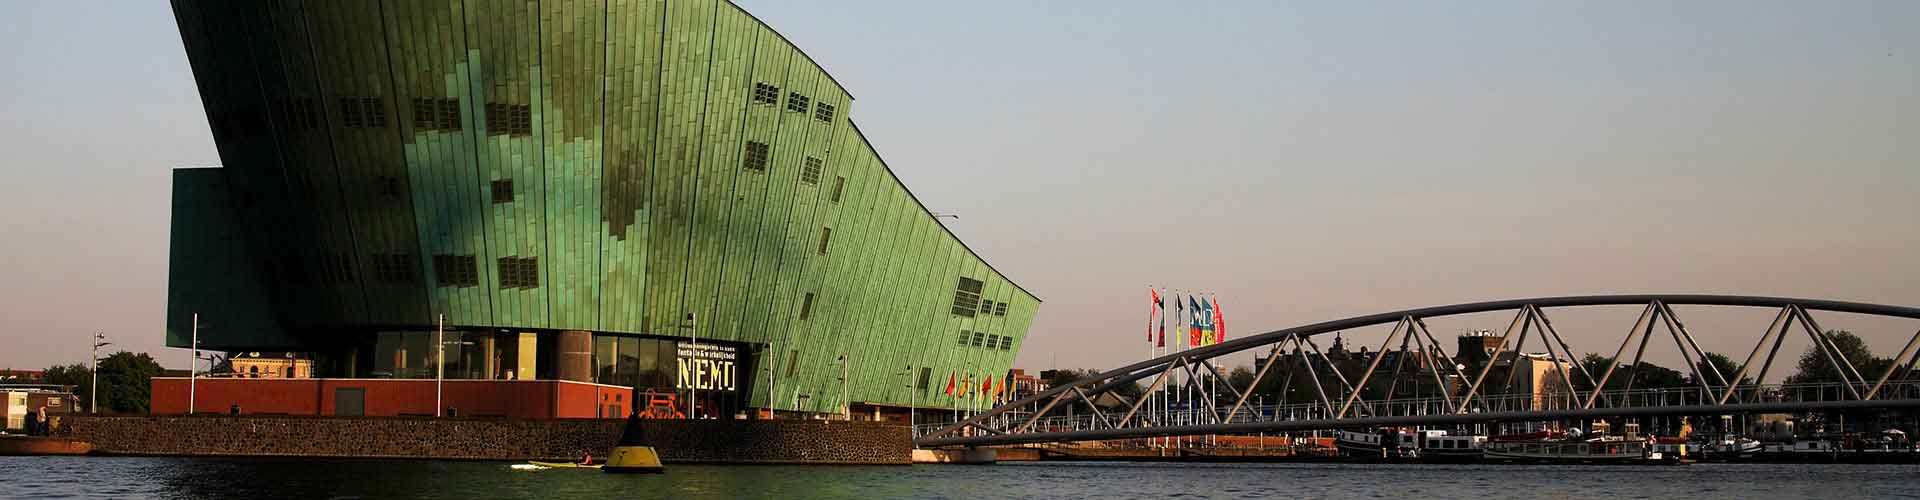 Amsterdam - Chambres près de NEMO. Cartes pour Amsterdam, photos et commentaires pour chaque chambre à Amsterdam.